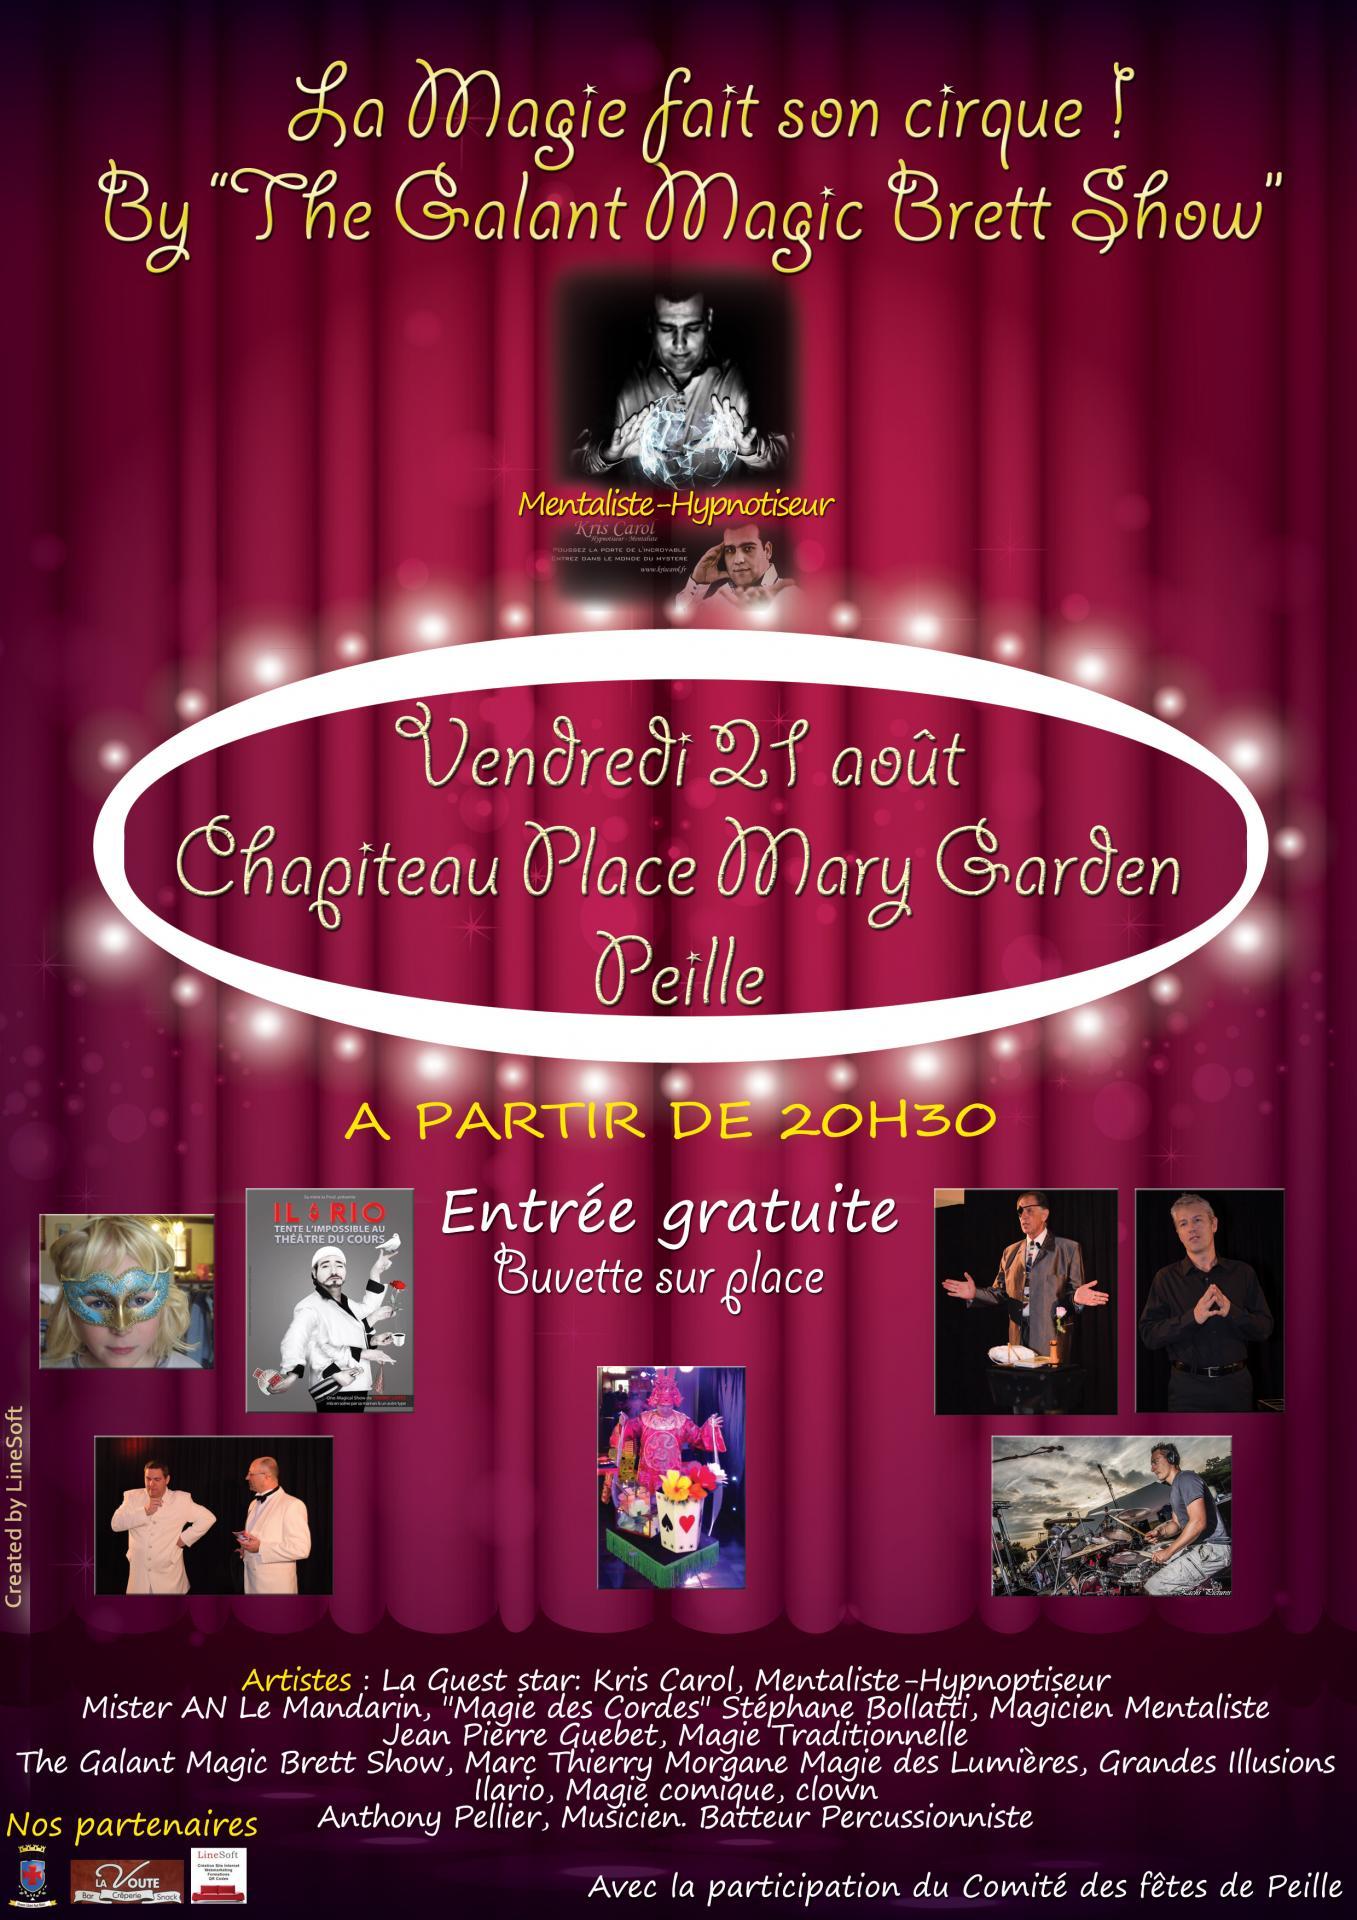 Affiche peille cirque 2015 imprimeur ii